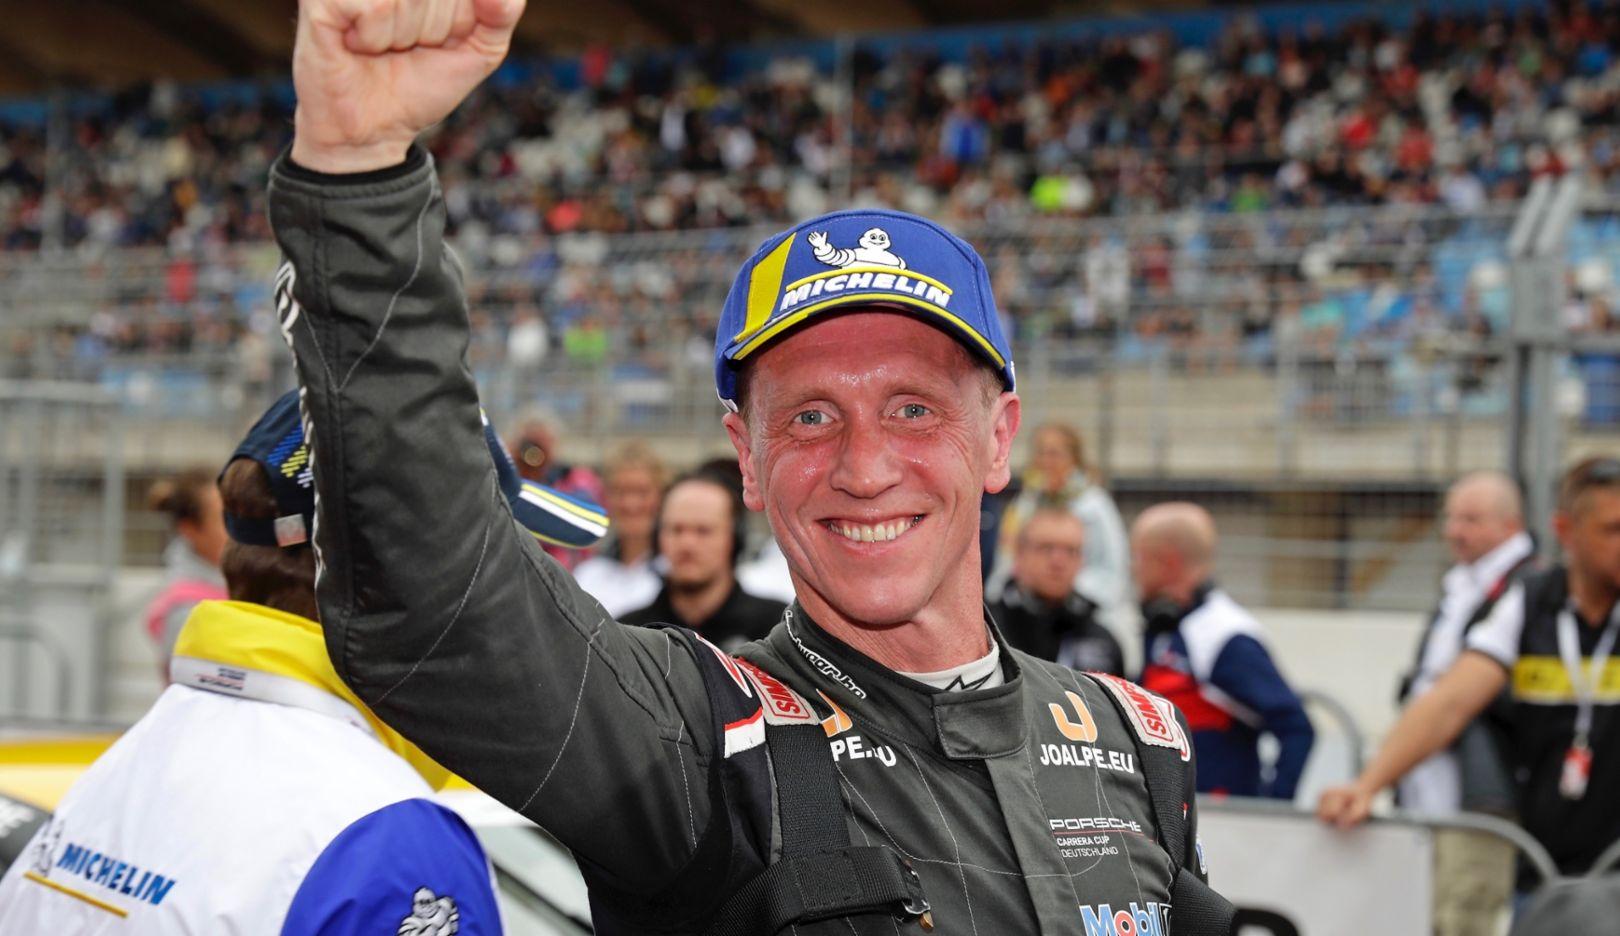 Jaap van Lagen, Porsche Carrera Cup Deutschland, Lauf 10, Zandvoort, 2018, Porsche AG